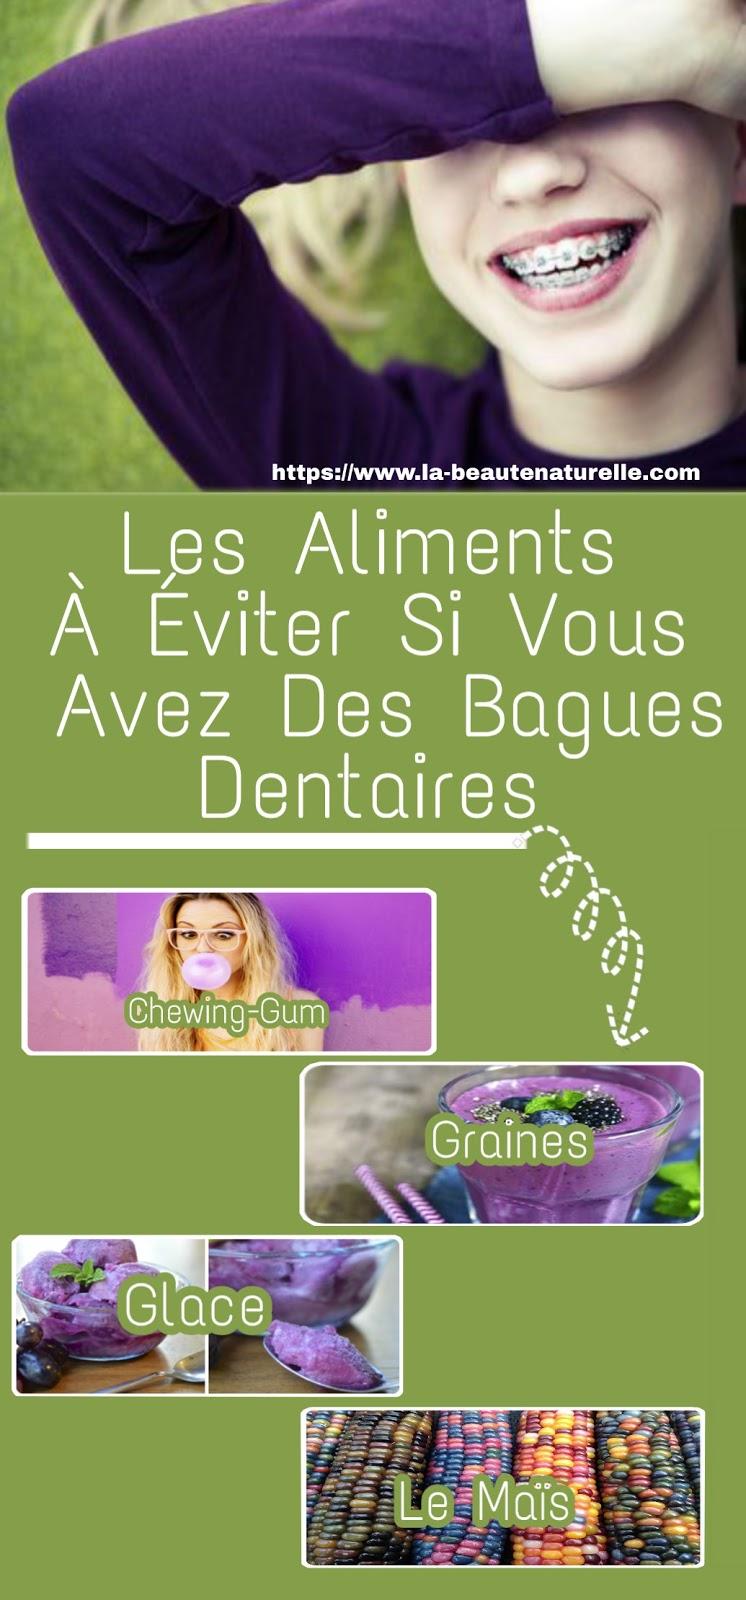 Les Aliments À Éviter Si Vous Avez Des Bagues Dentaires